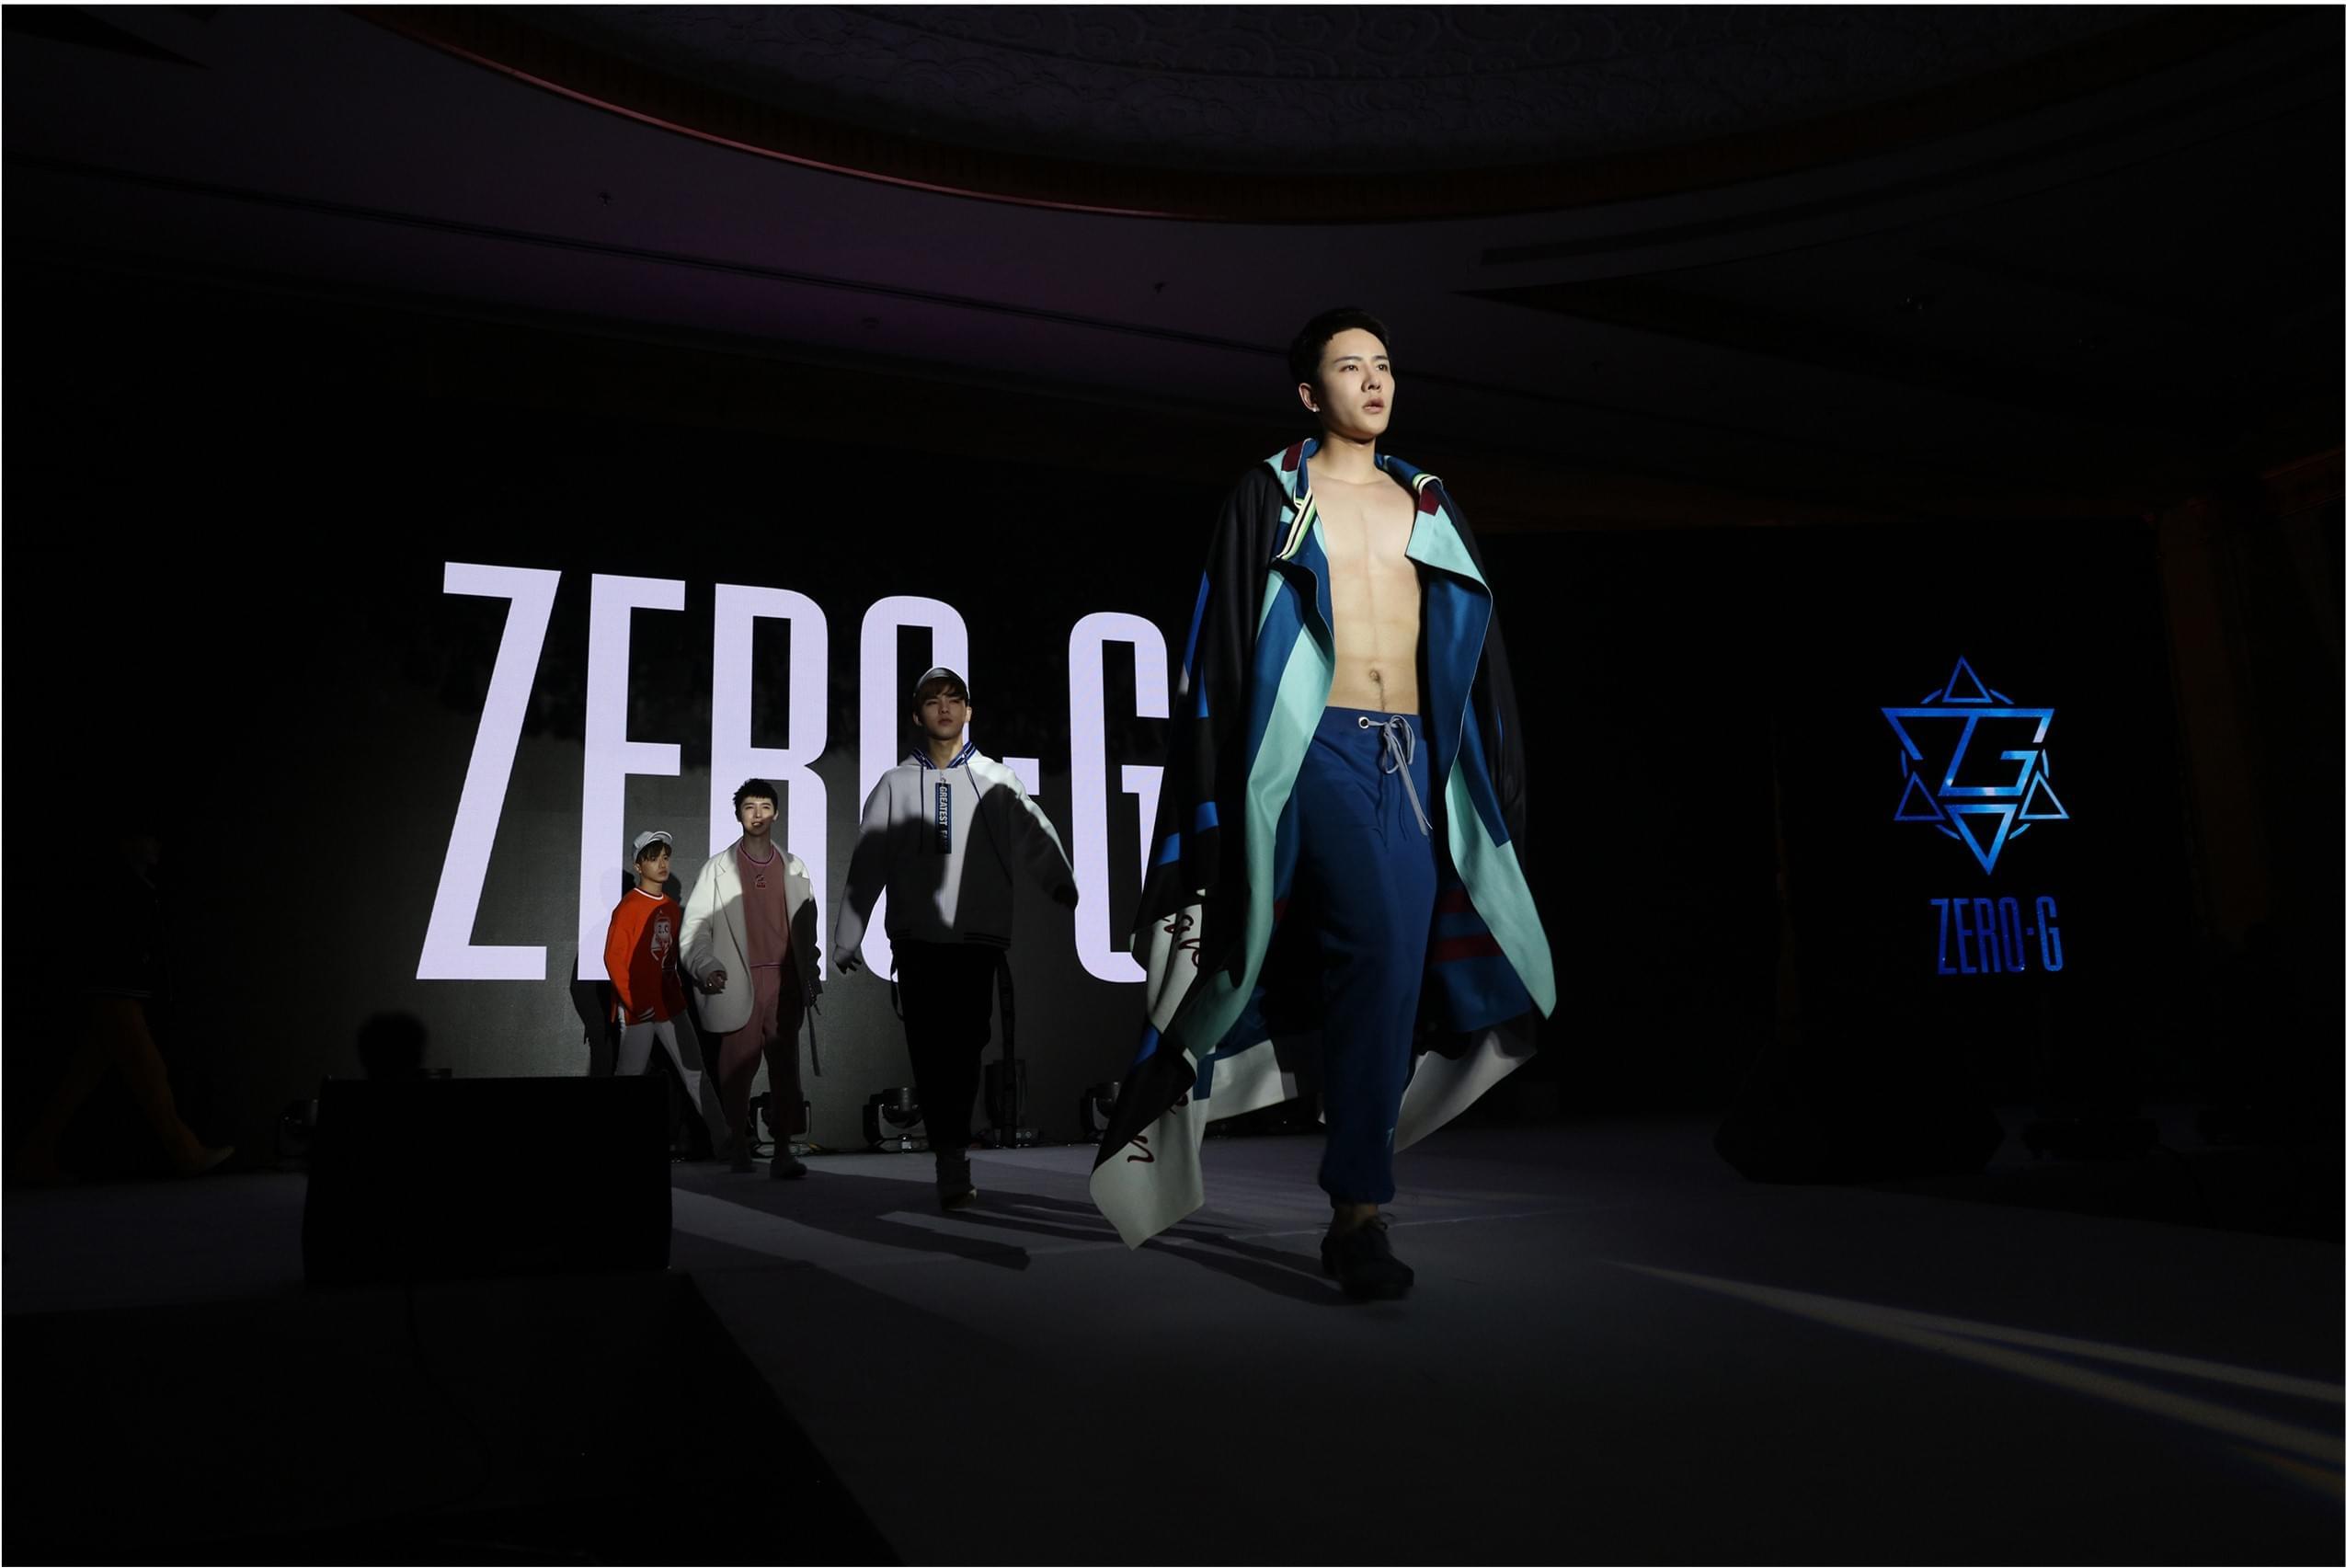 ZERO-G发布自主潮牌 六块腹肌迷晕观众